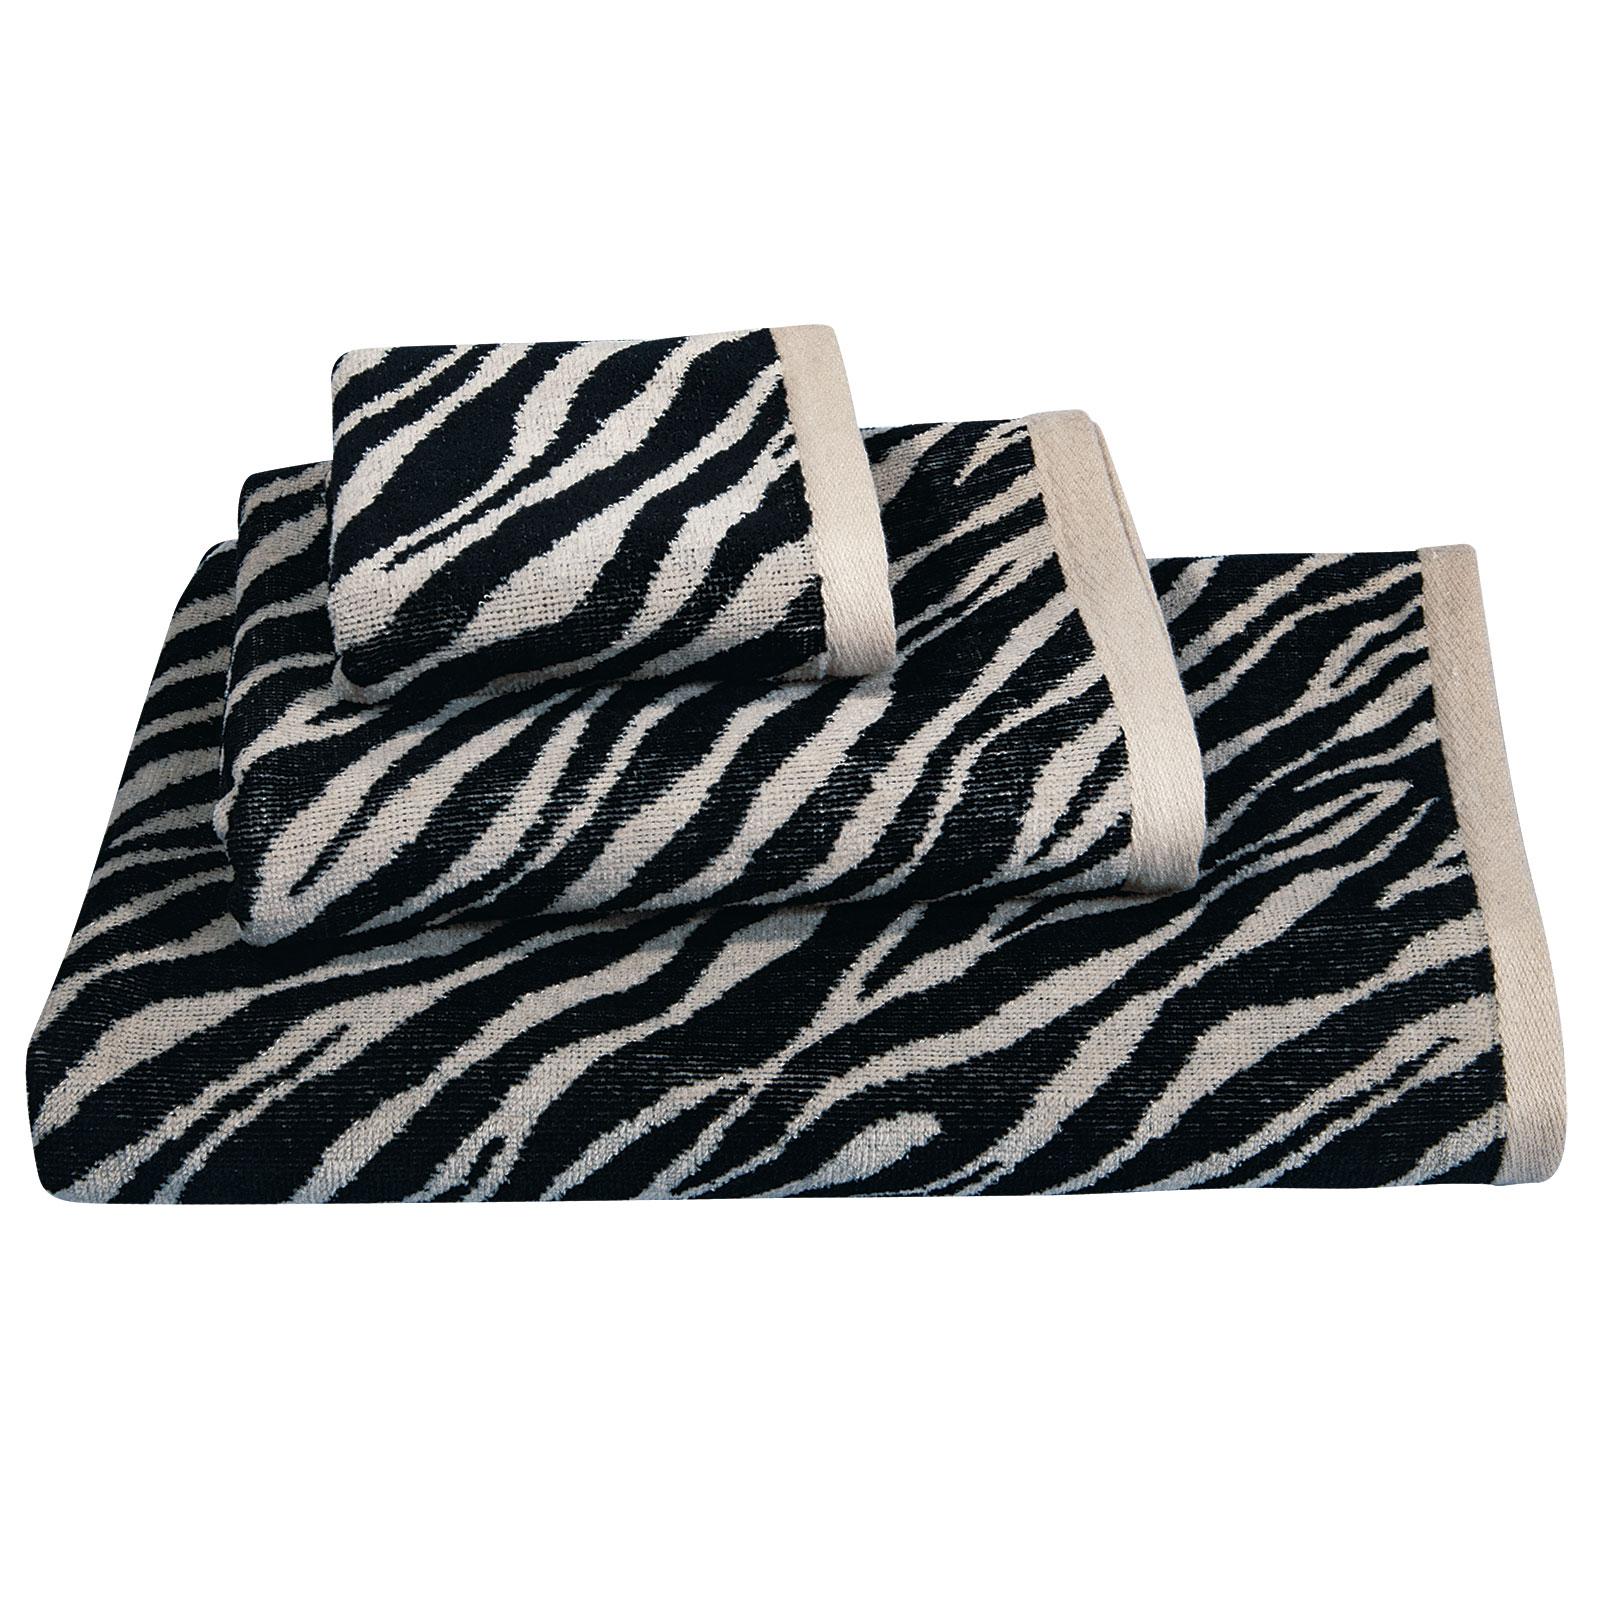 Πετσέτες Μπάνιου (Σετ 3 Τμχ) Greenwich Polo Club Essential 2565